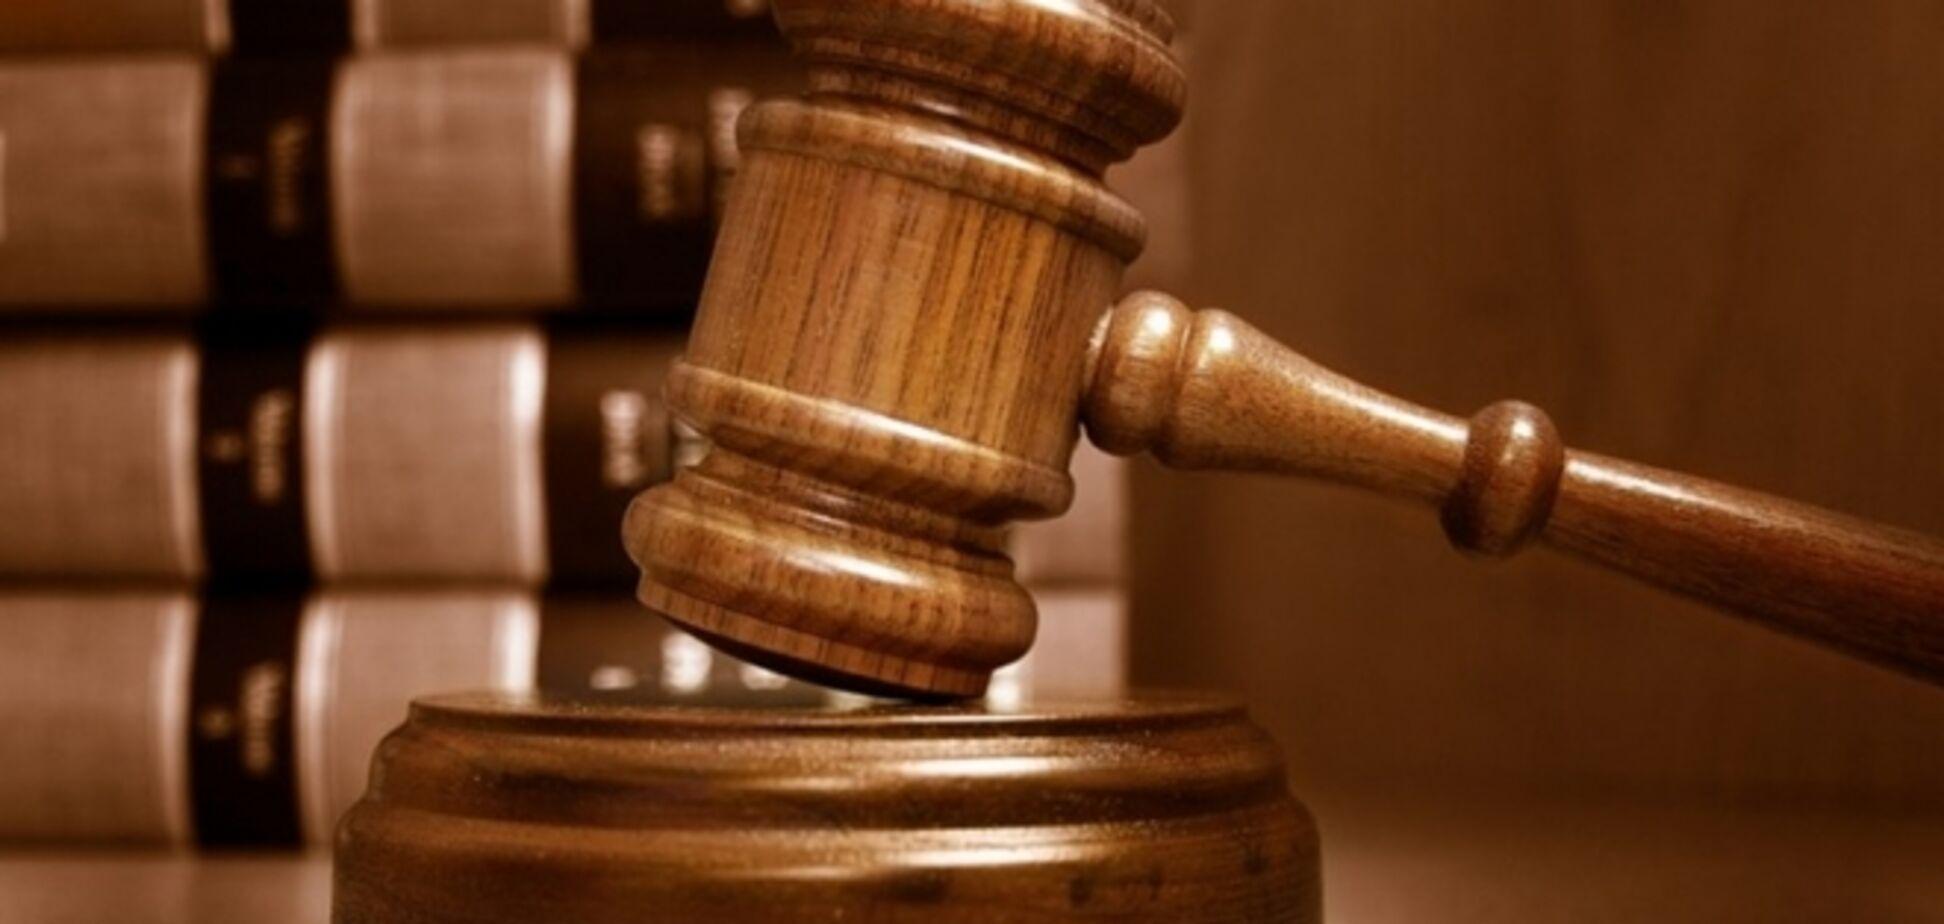 Минюст дал указание судам освобождать крымских преступников - правозащитник